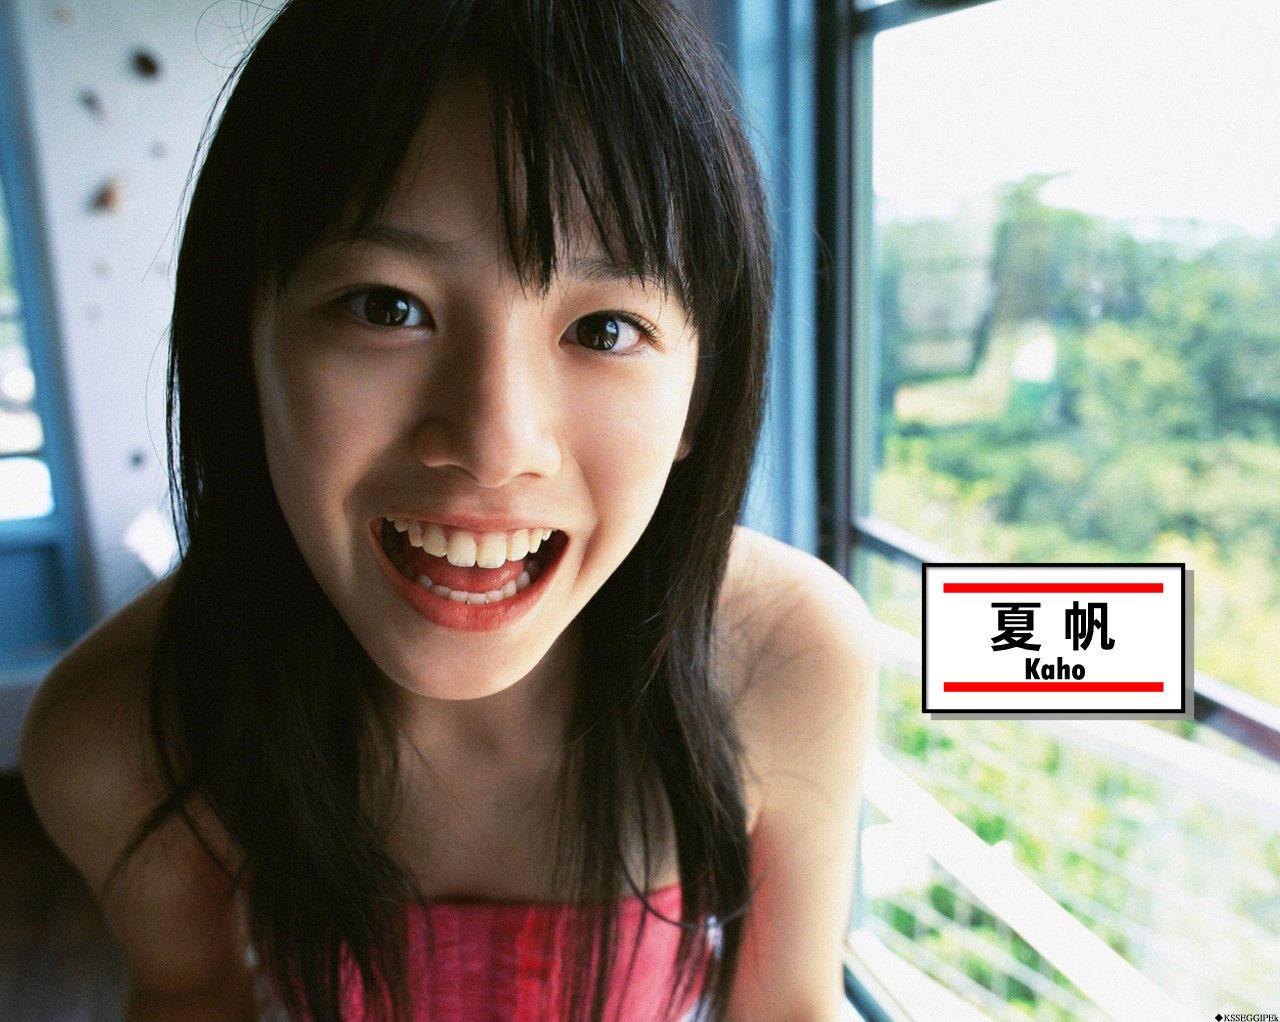 山下莉奈blog_日本一美しい小学生は松野莉奈ちゃんだよね : Cuteen - U-20 Girls